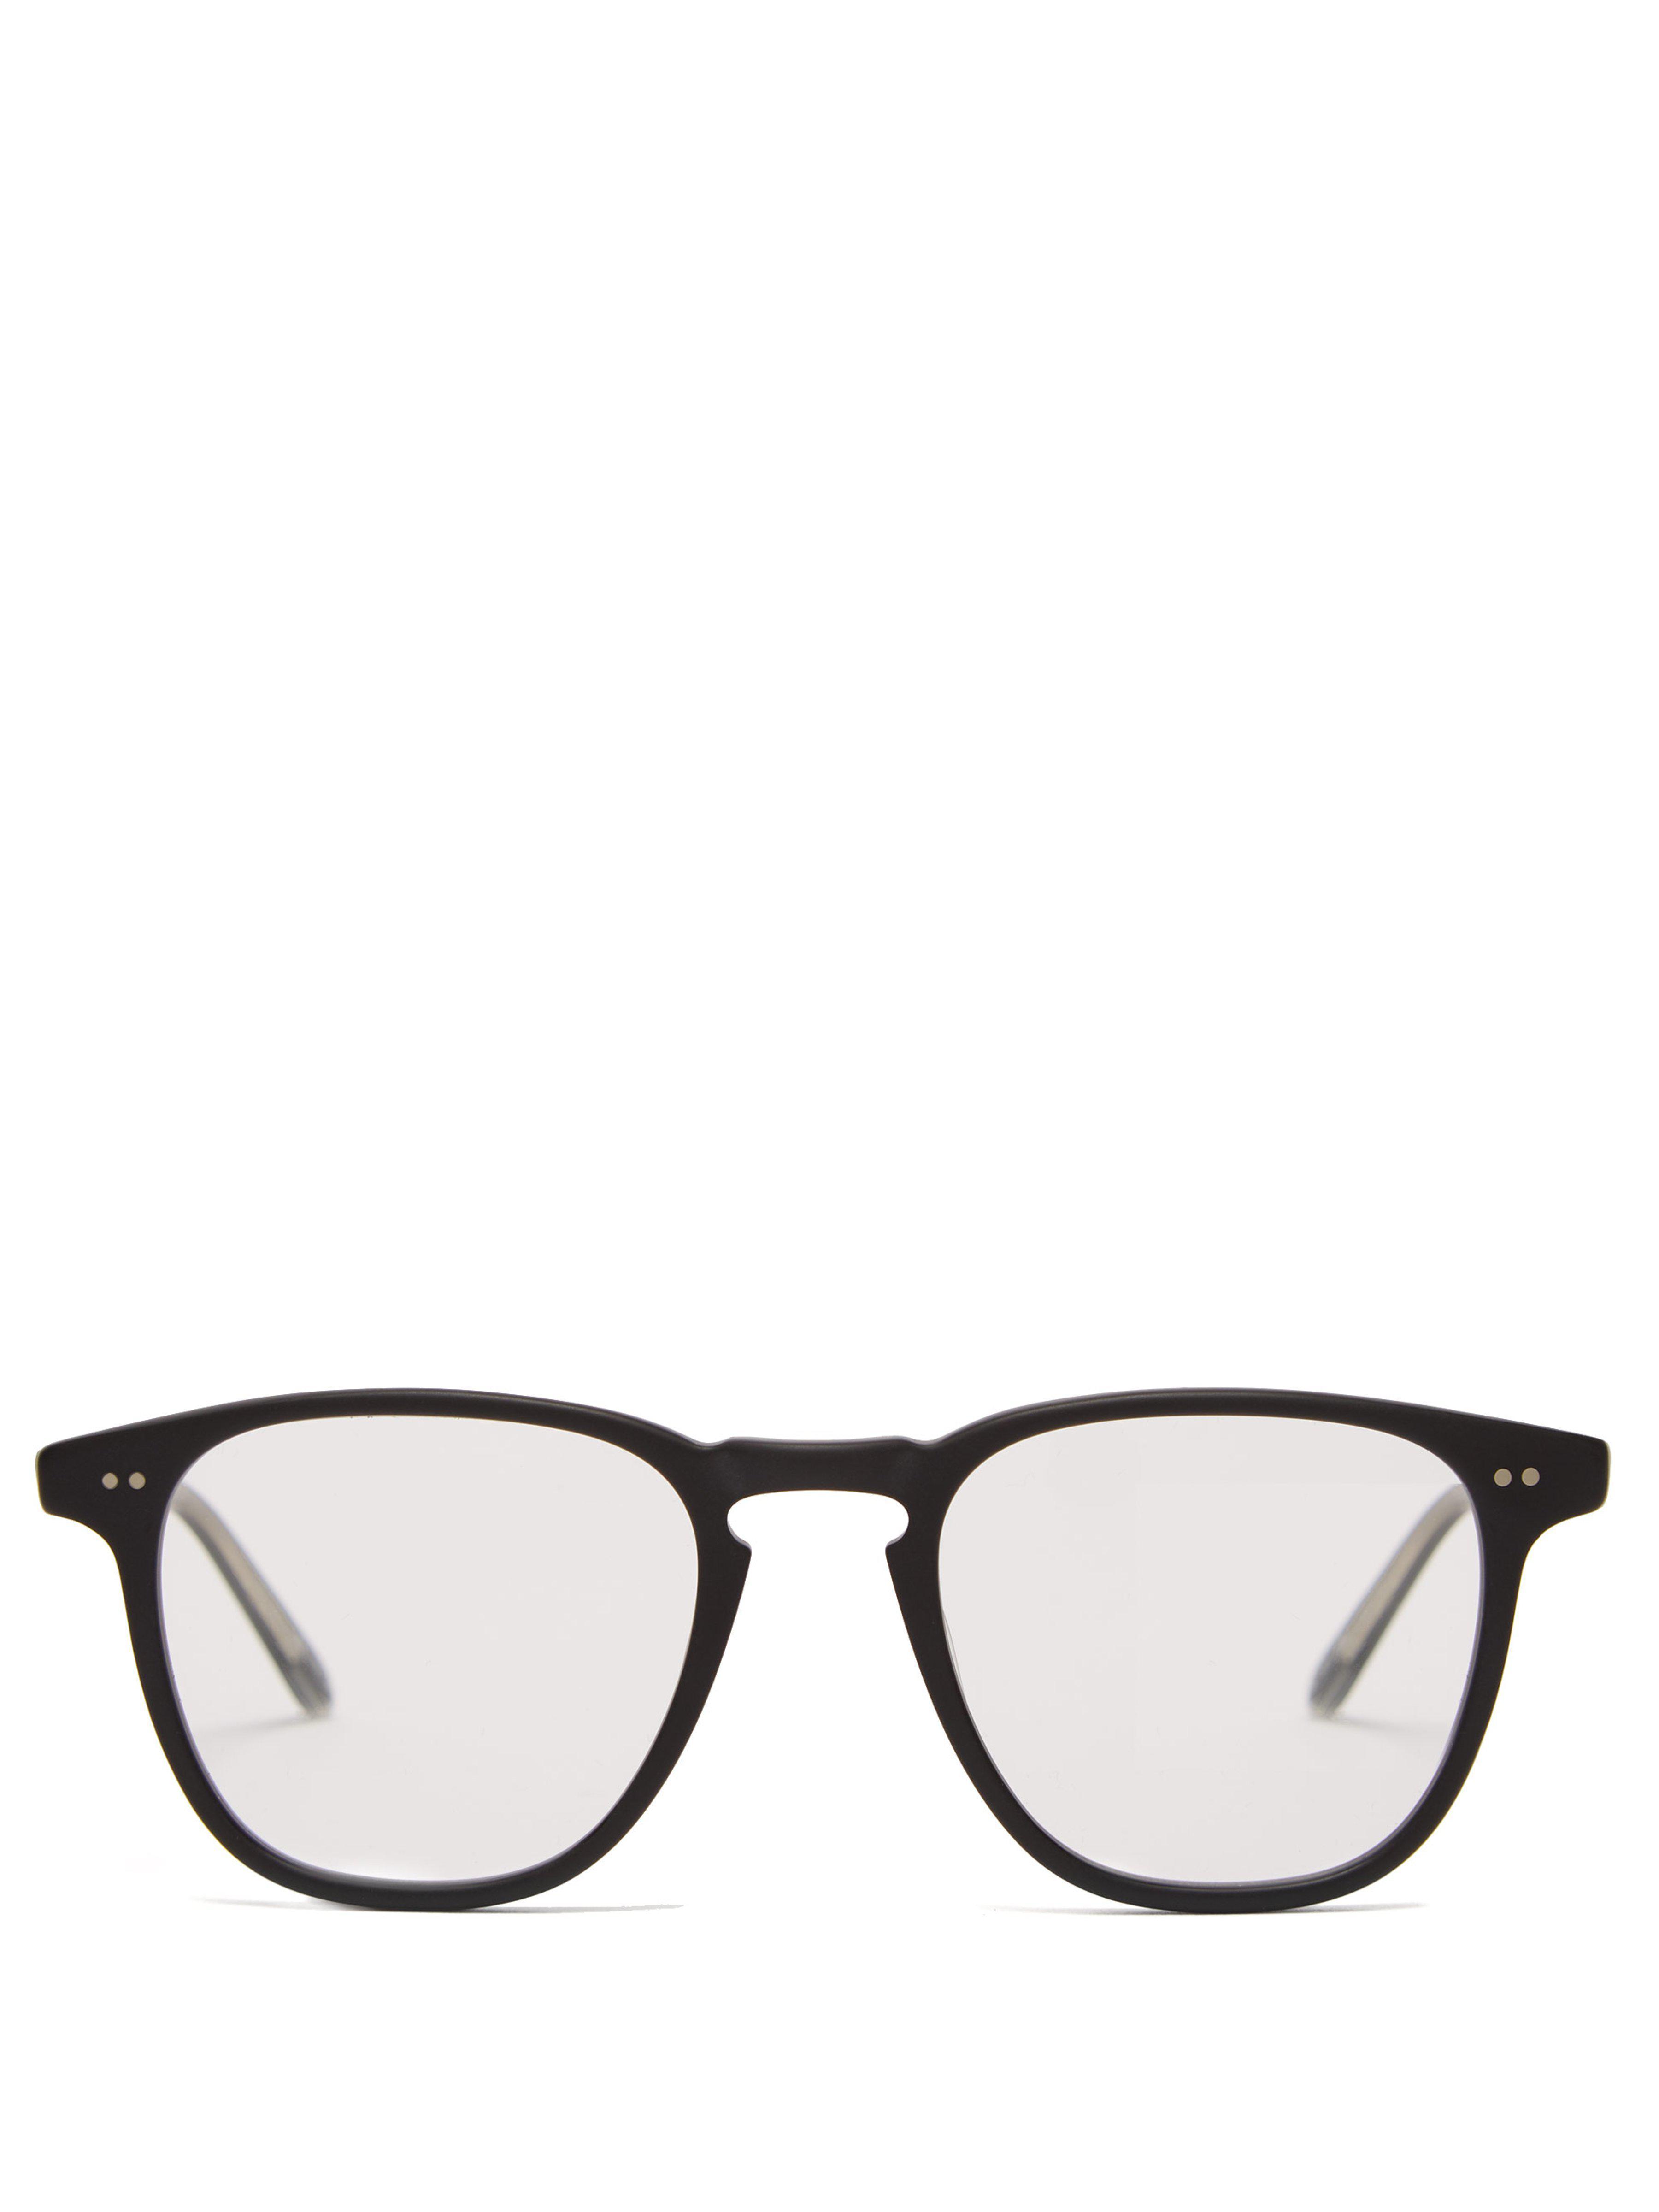 eb123571f24 Garrett Leight Brooks 47 Square Frame Glasses in Black for Men - Lyst